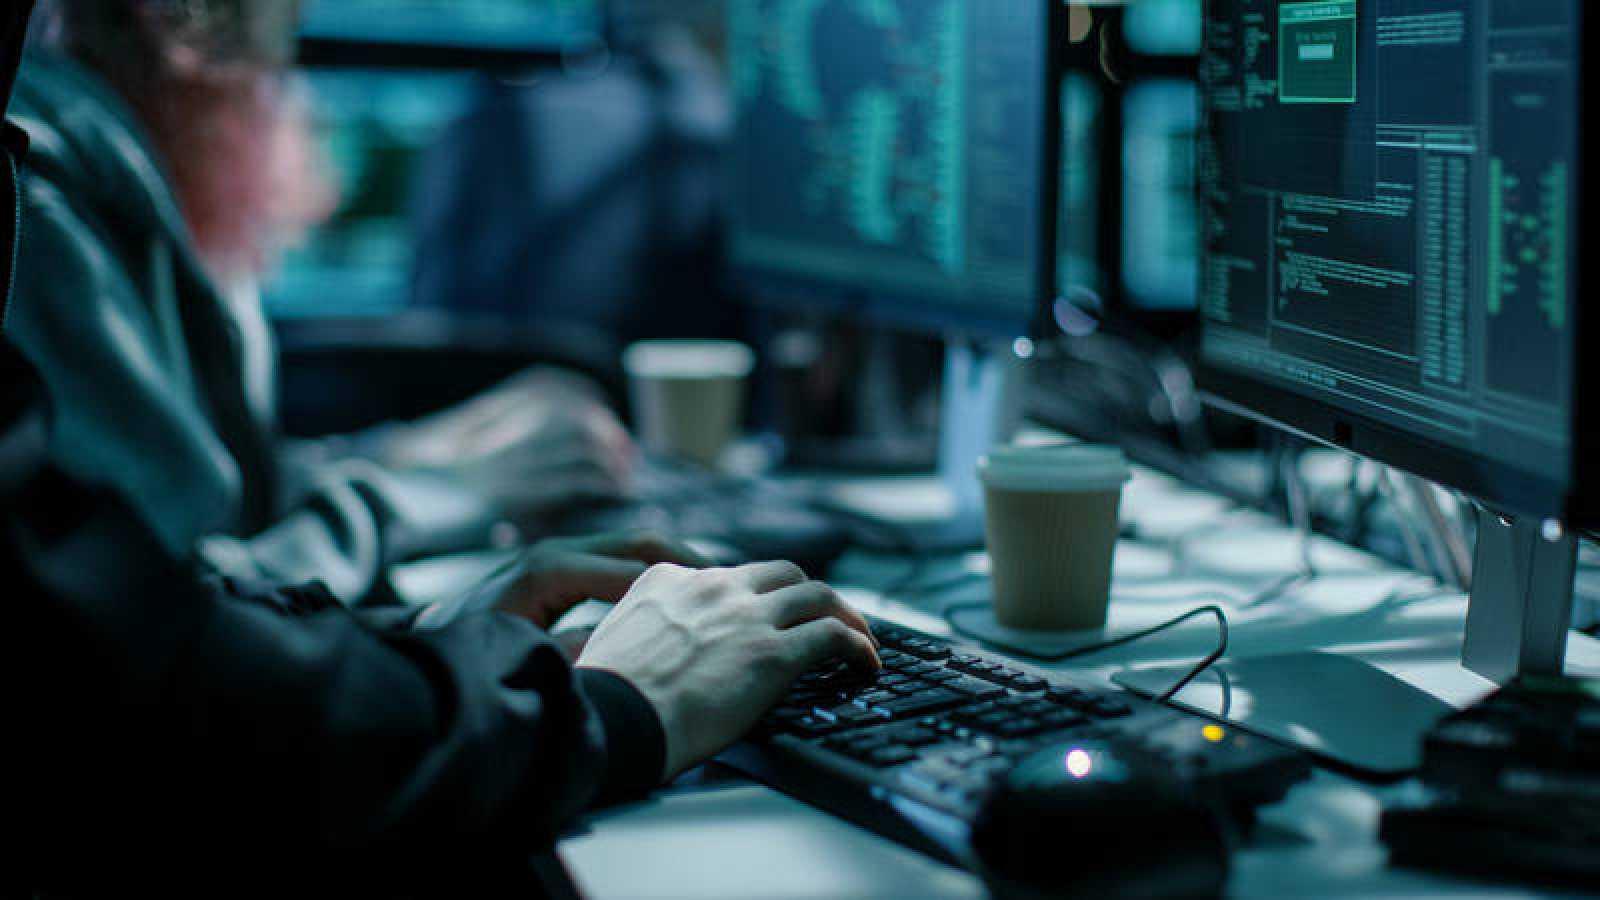 """El Gobierno de La Haya cree que Rusia ha desarrollado un """"programa cibernético ofensivo que apunta, entre otros, a Holanda y a los intereses holandeses""""."""